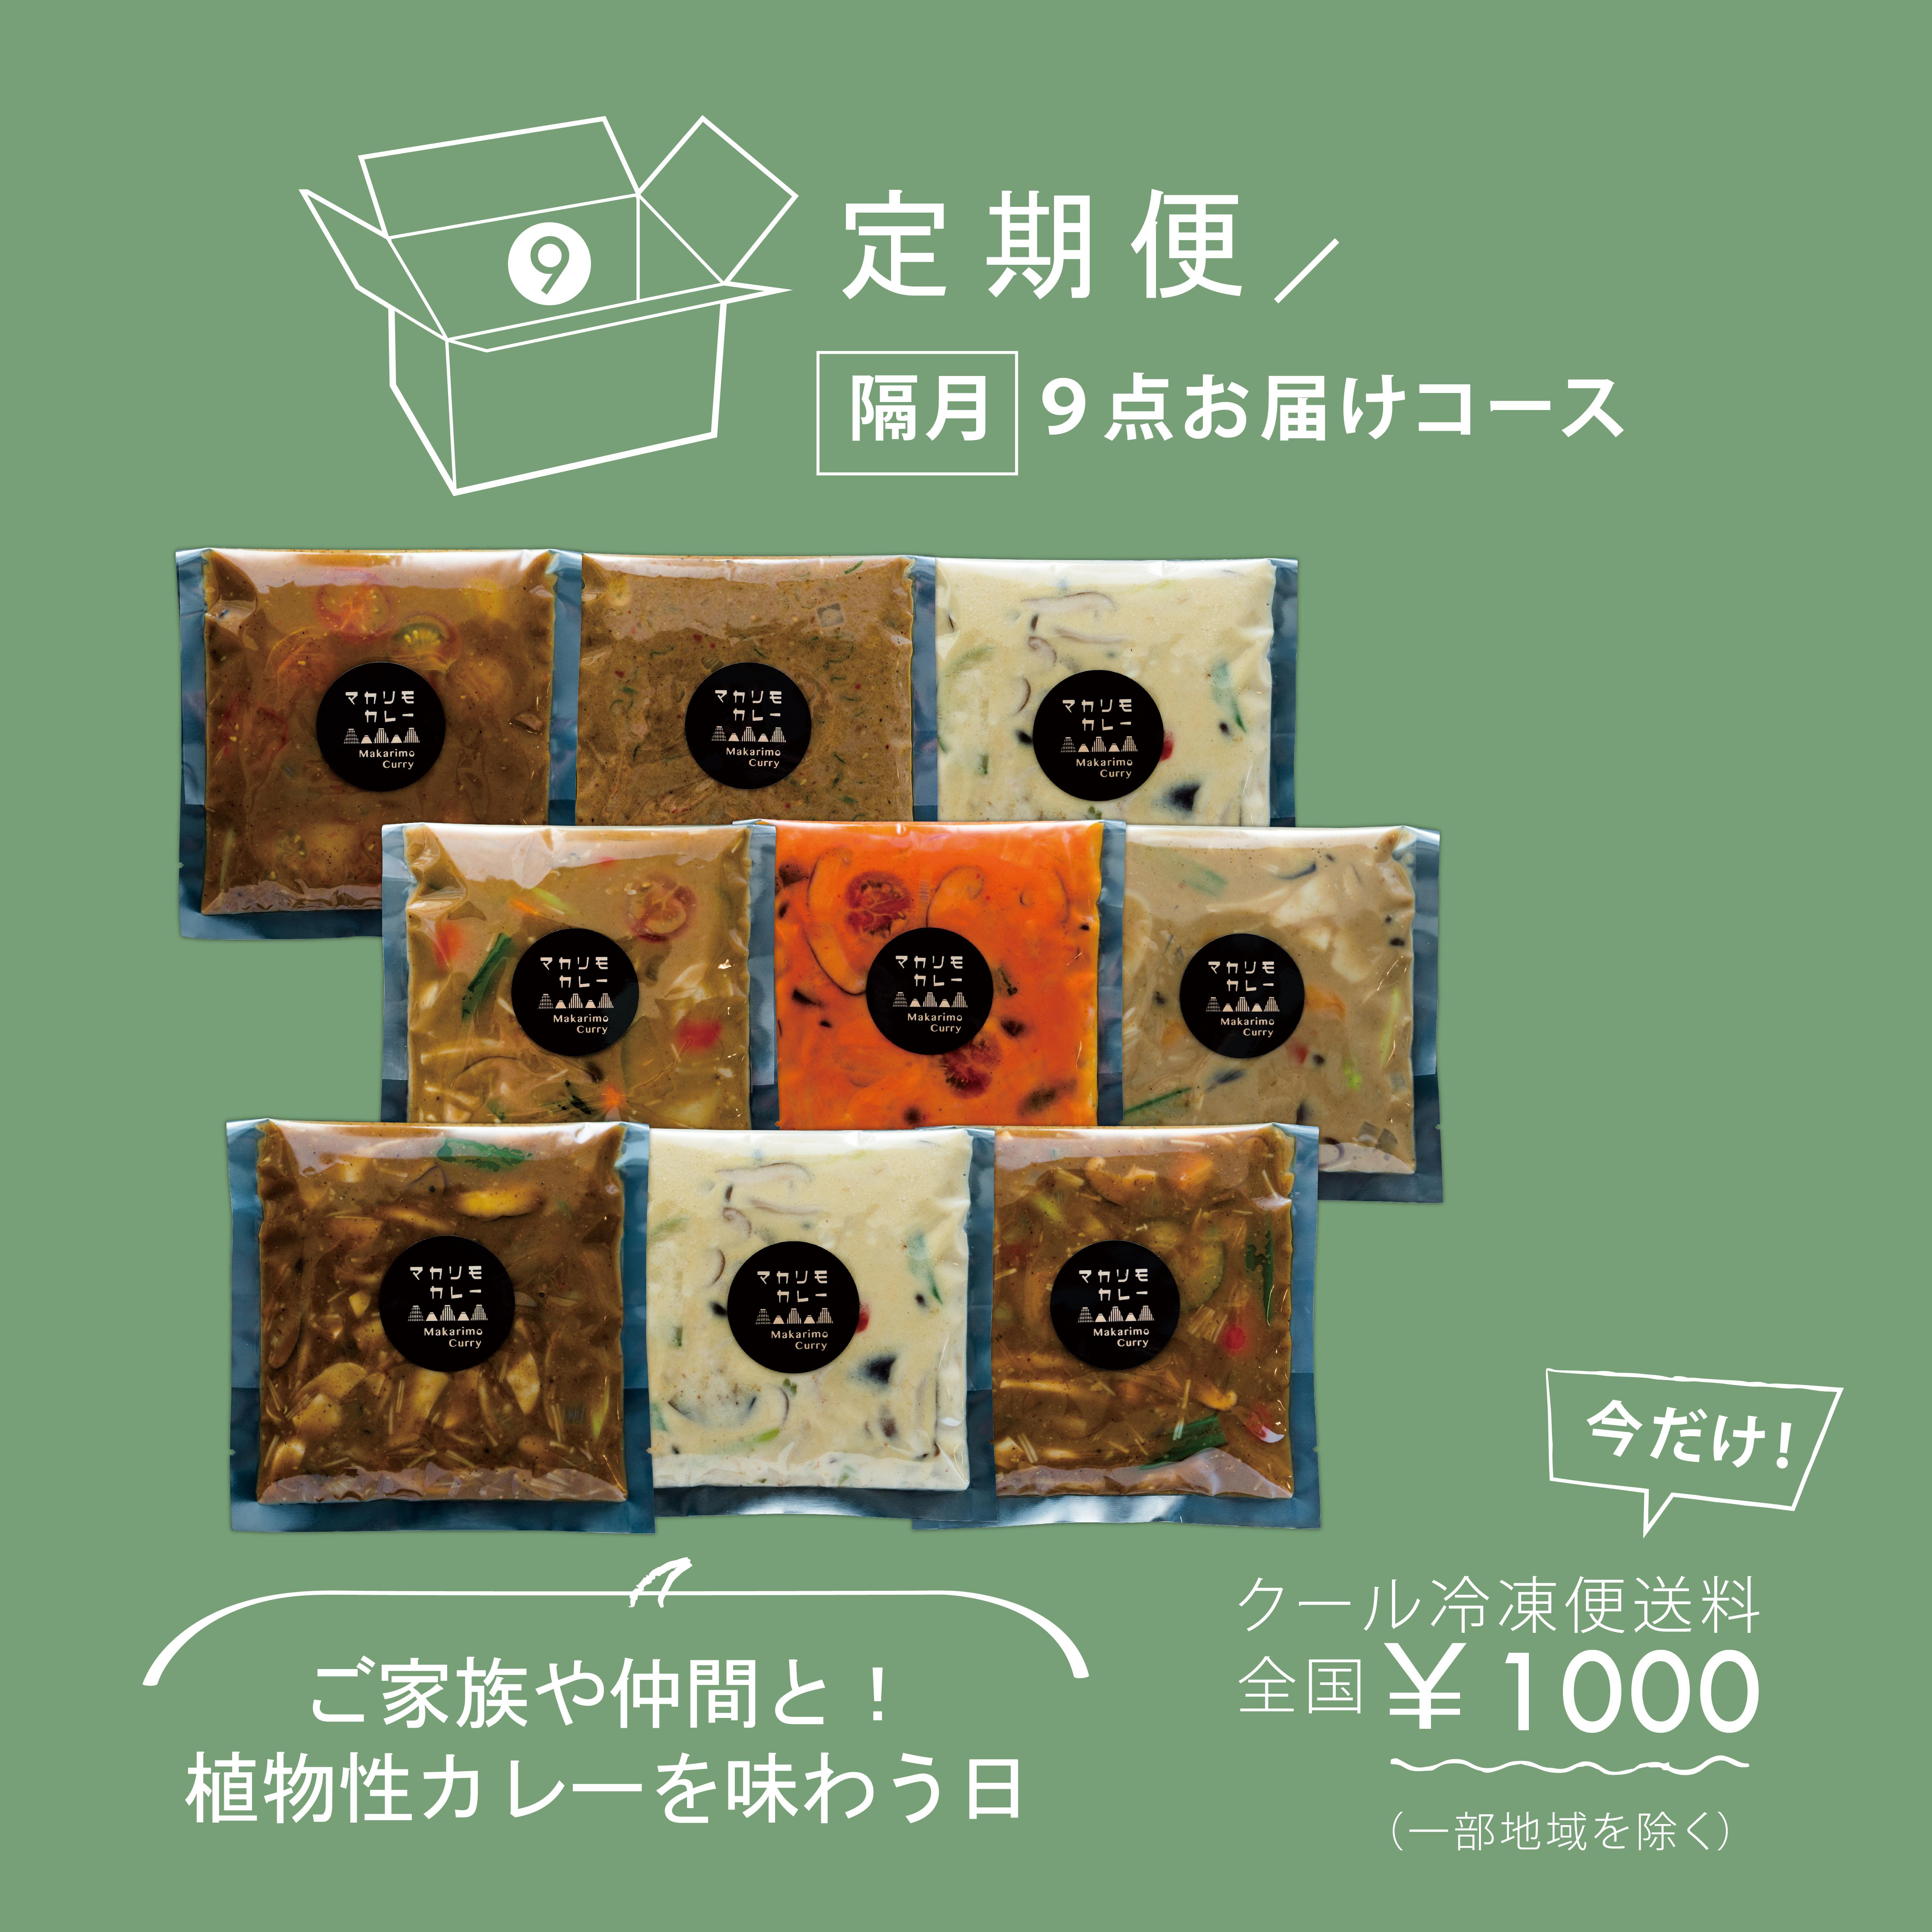 冷凍カレールウ / 隔月9点お届けコース / クール冷凍便送料1,000円(一部1,200円)でお届けします